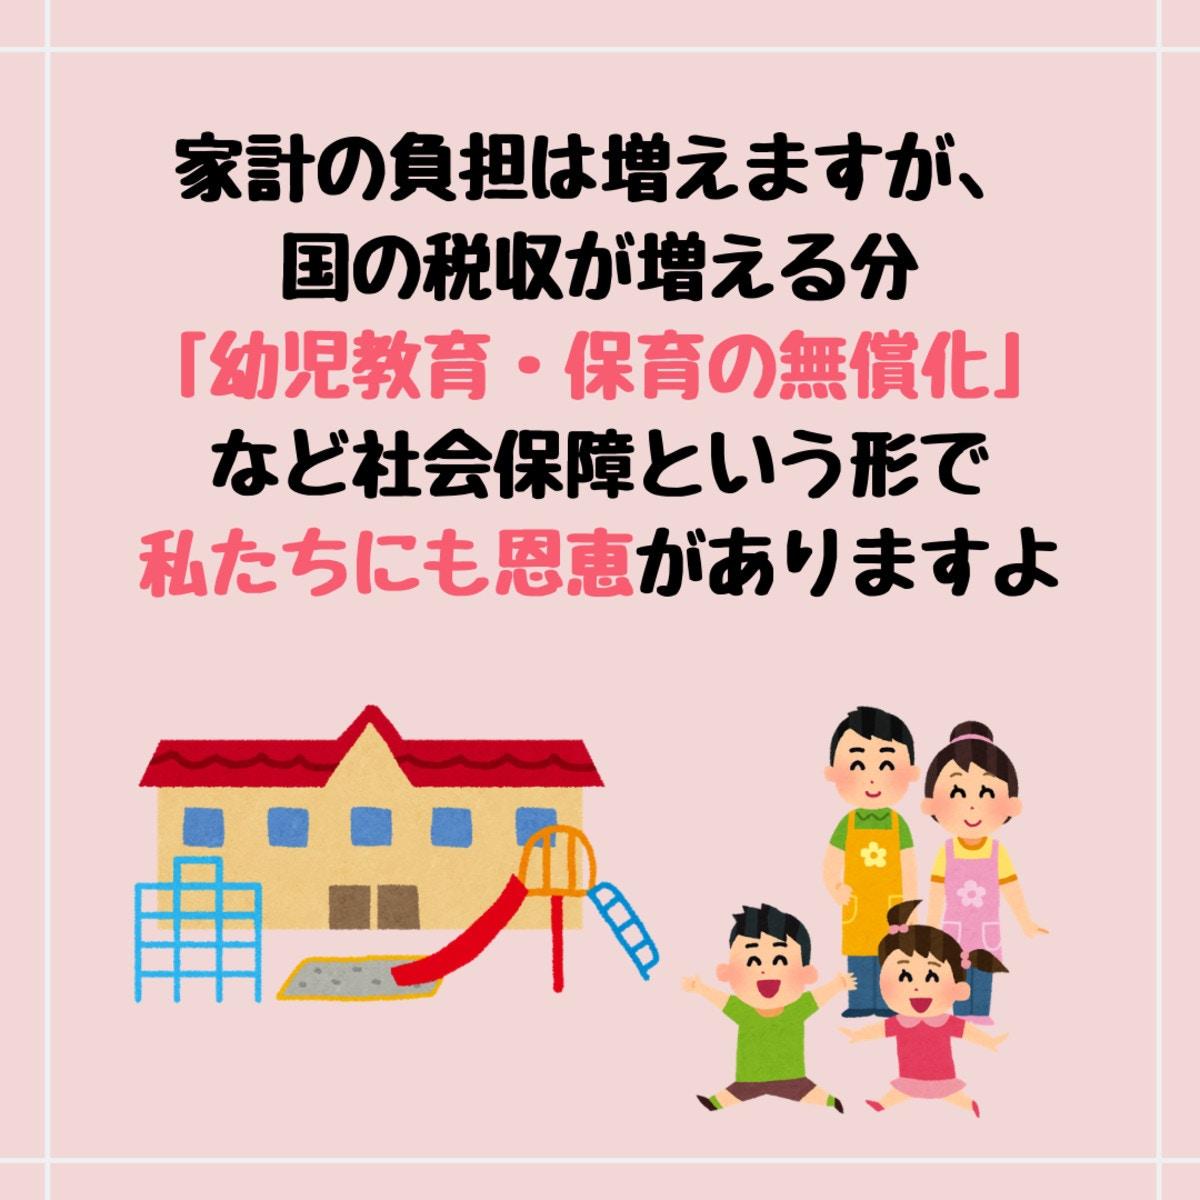 多い 画数 おうと 漢字 読む 世界一難しい漢字一文字108画の読み方